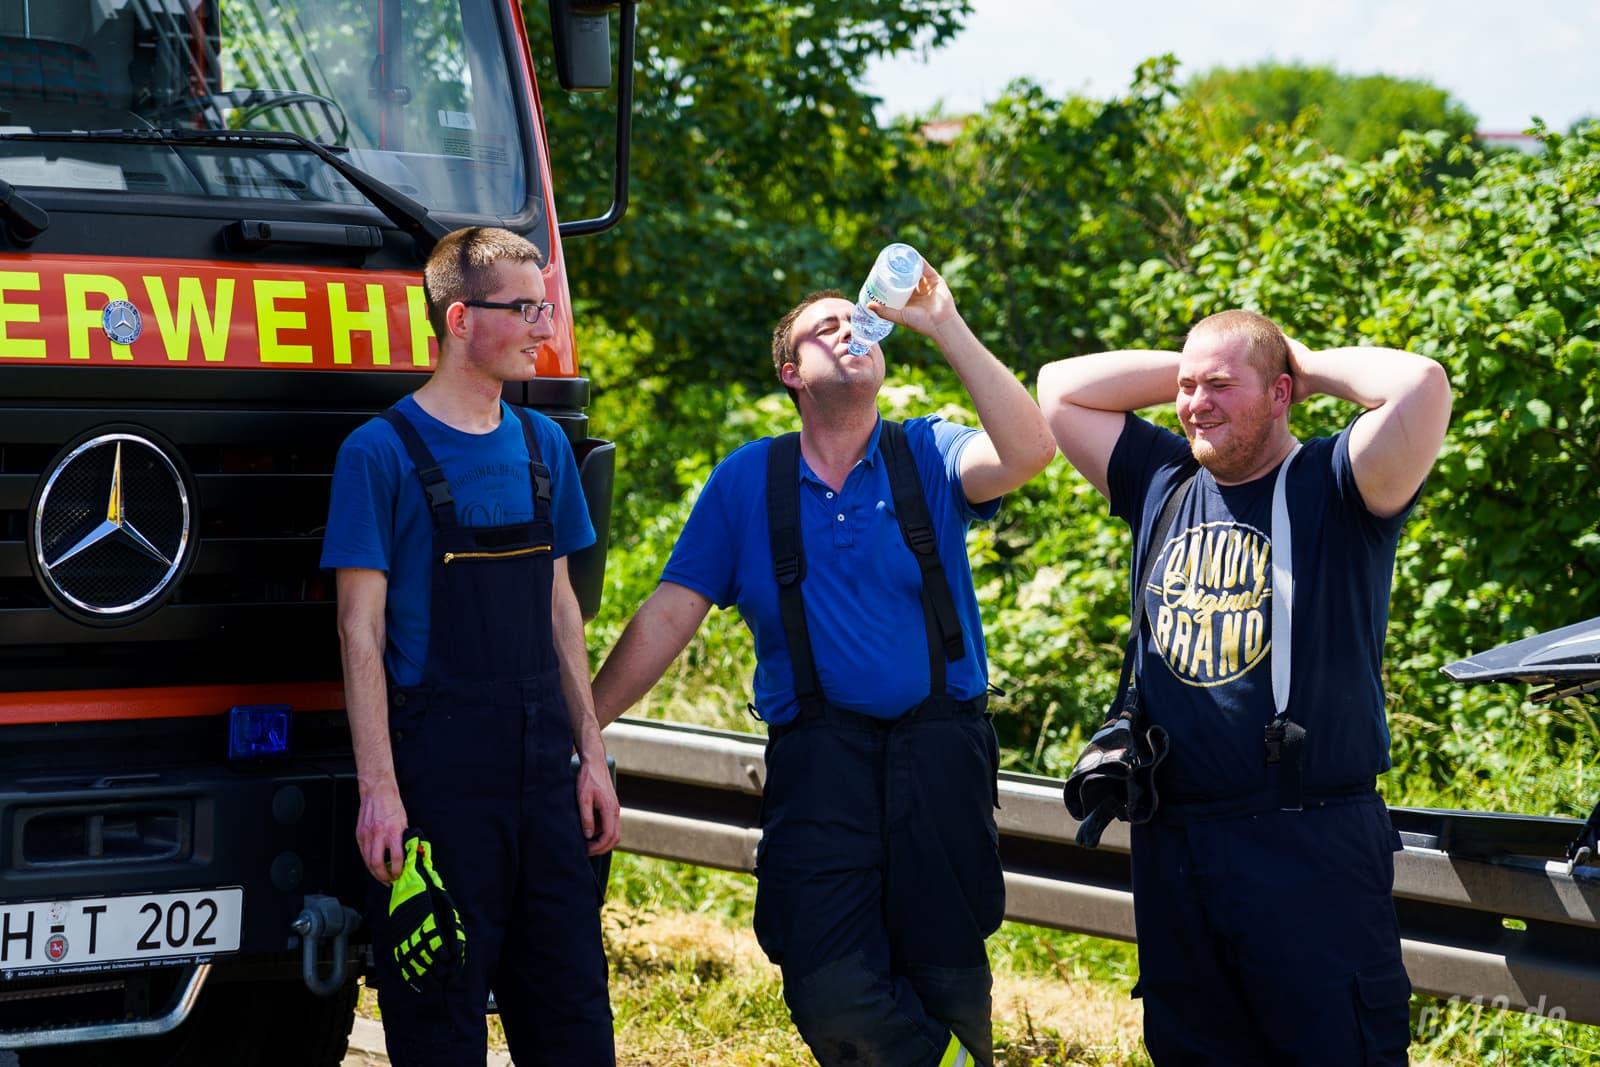 Abkühlung nach einem schweißtreibenden Einsatz in voller Feuerwehrmontur (Foto: n112.de/Stefan Hillen)